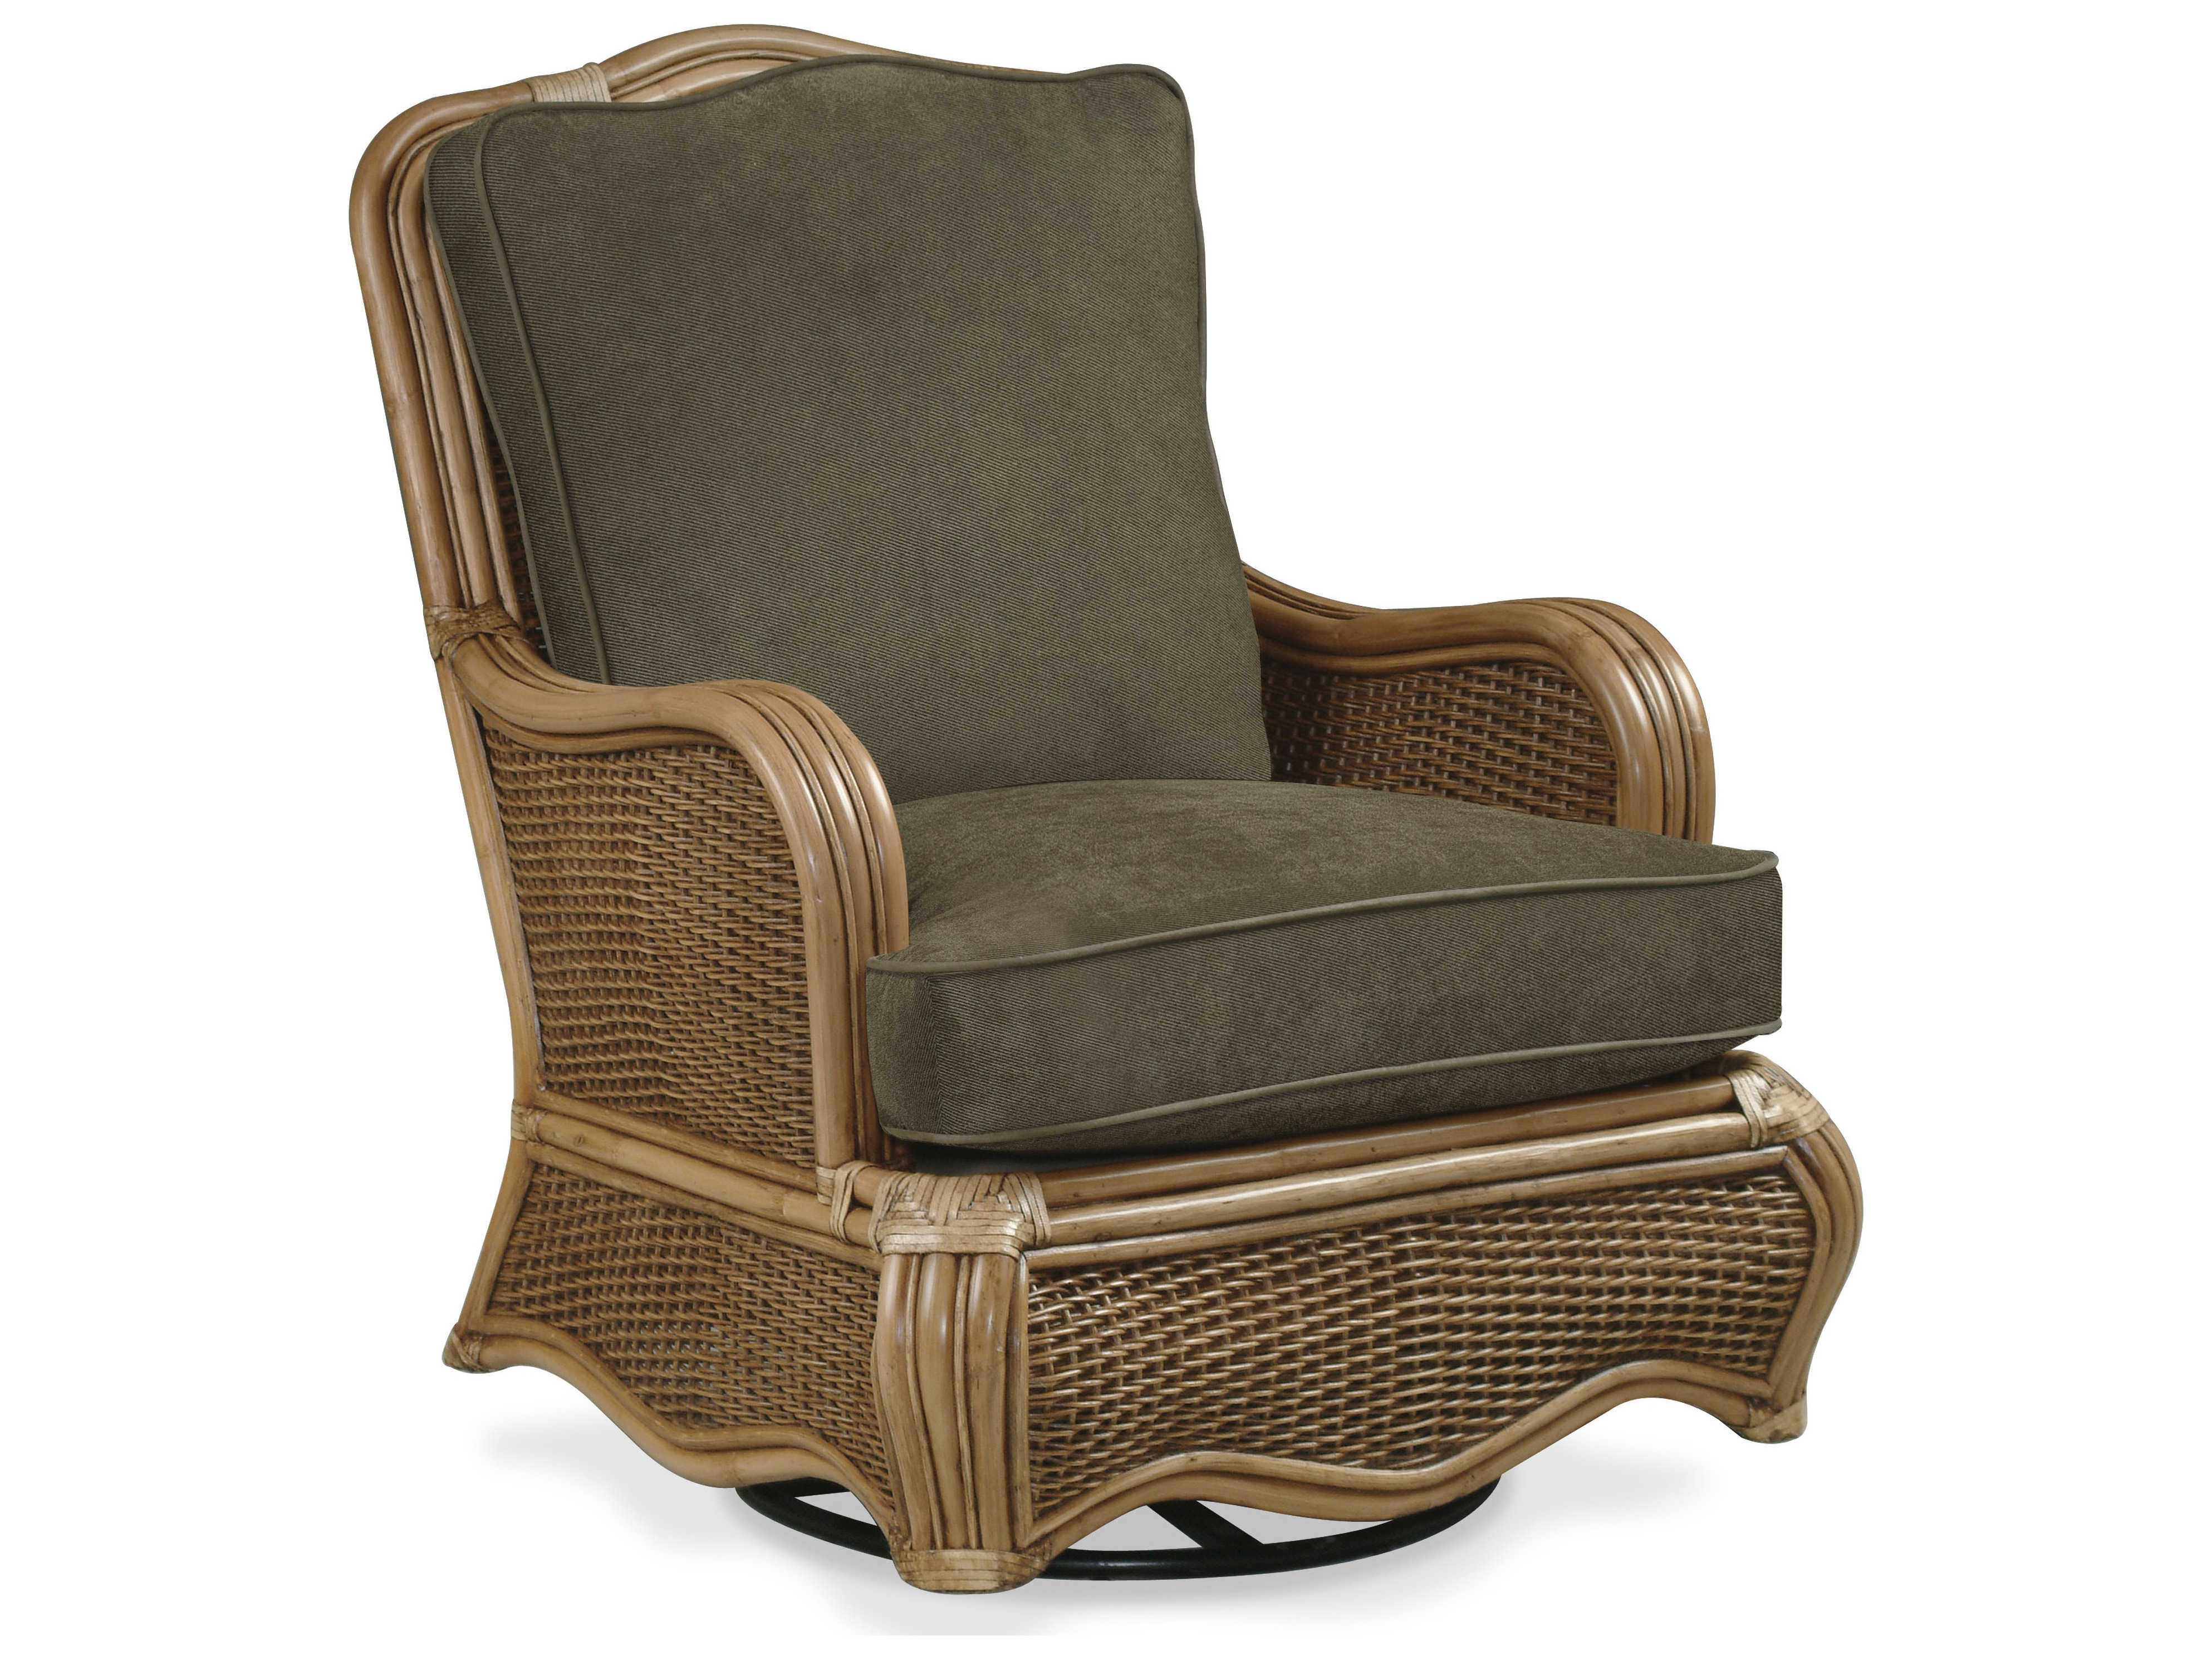 Braxton Culler Shorewood Glider Swivel Accent Chair